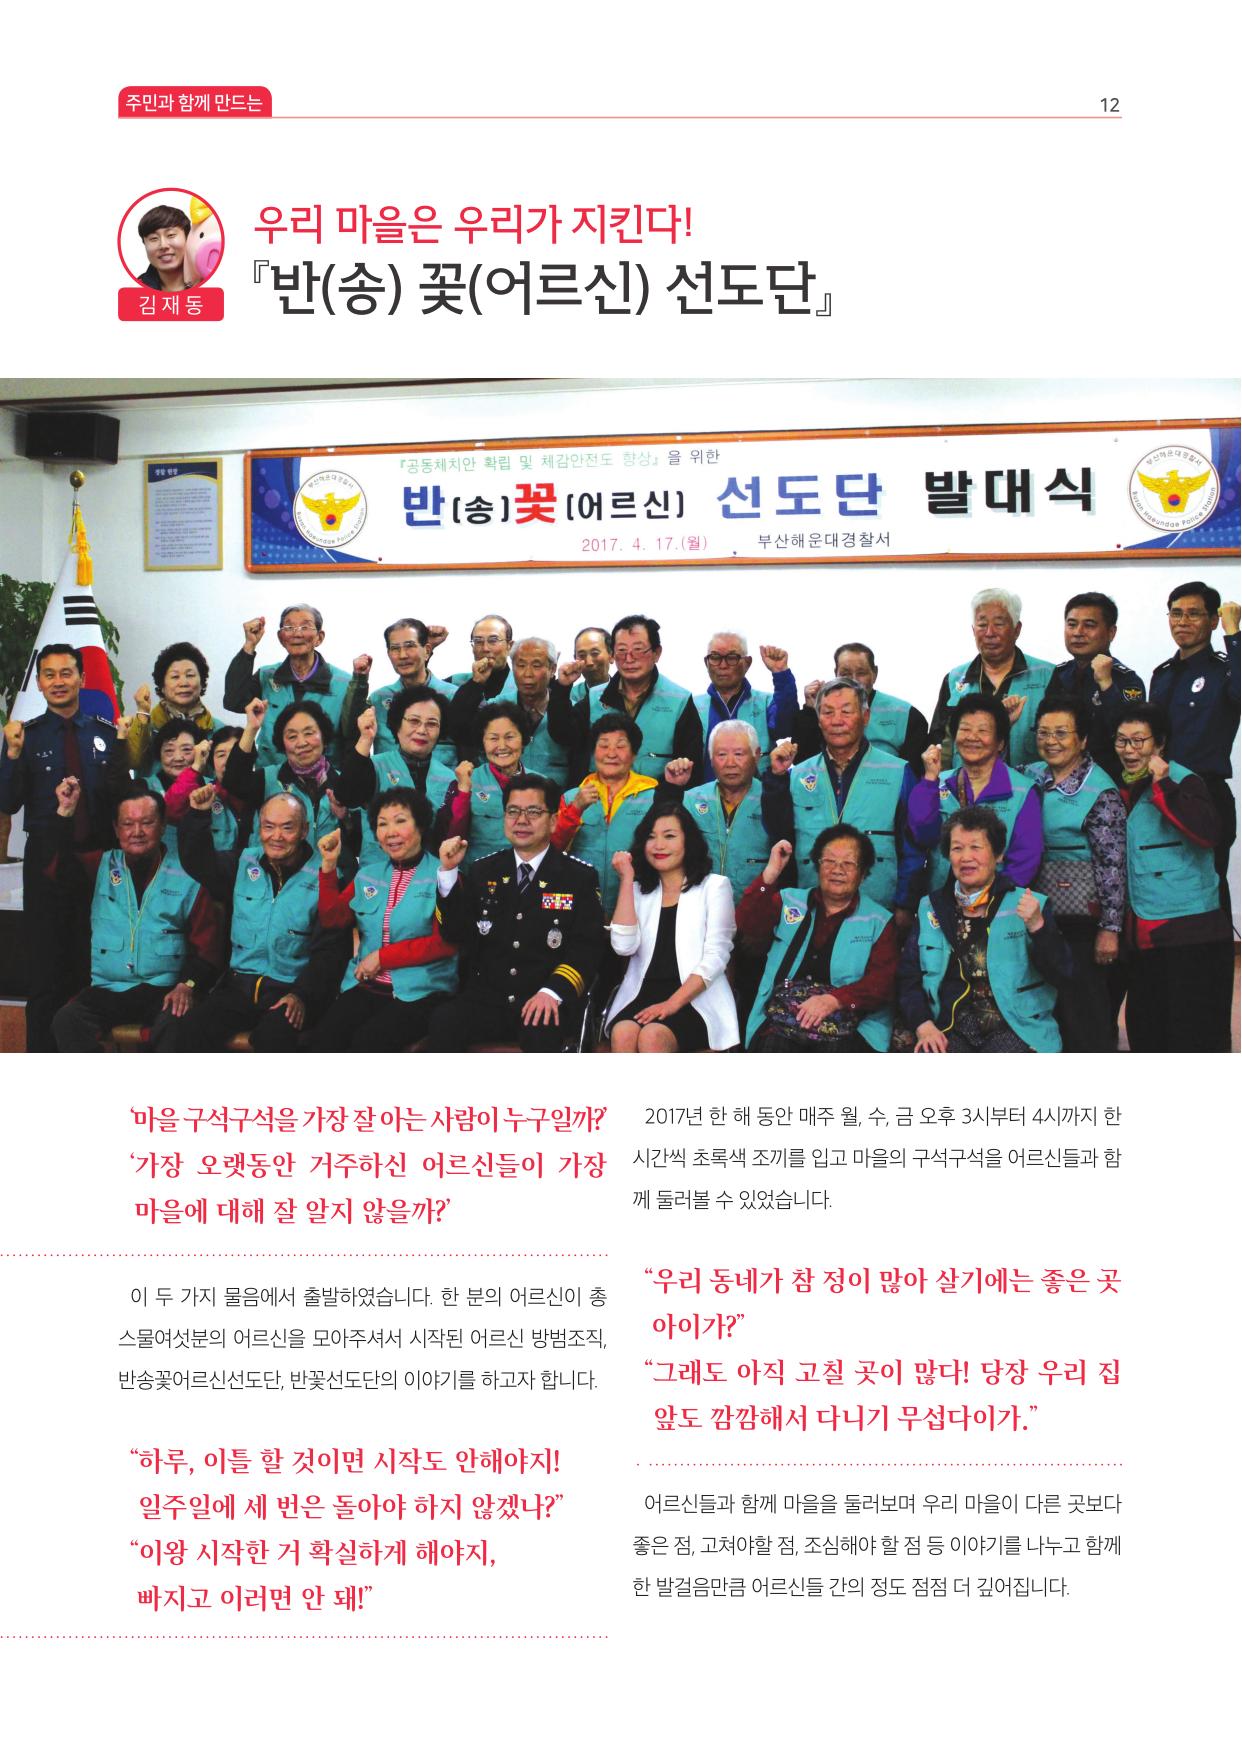 반송종합사회복지관연간소식지(2017)-12.jpg